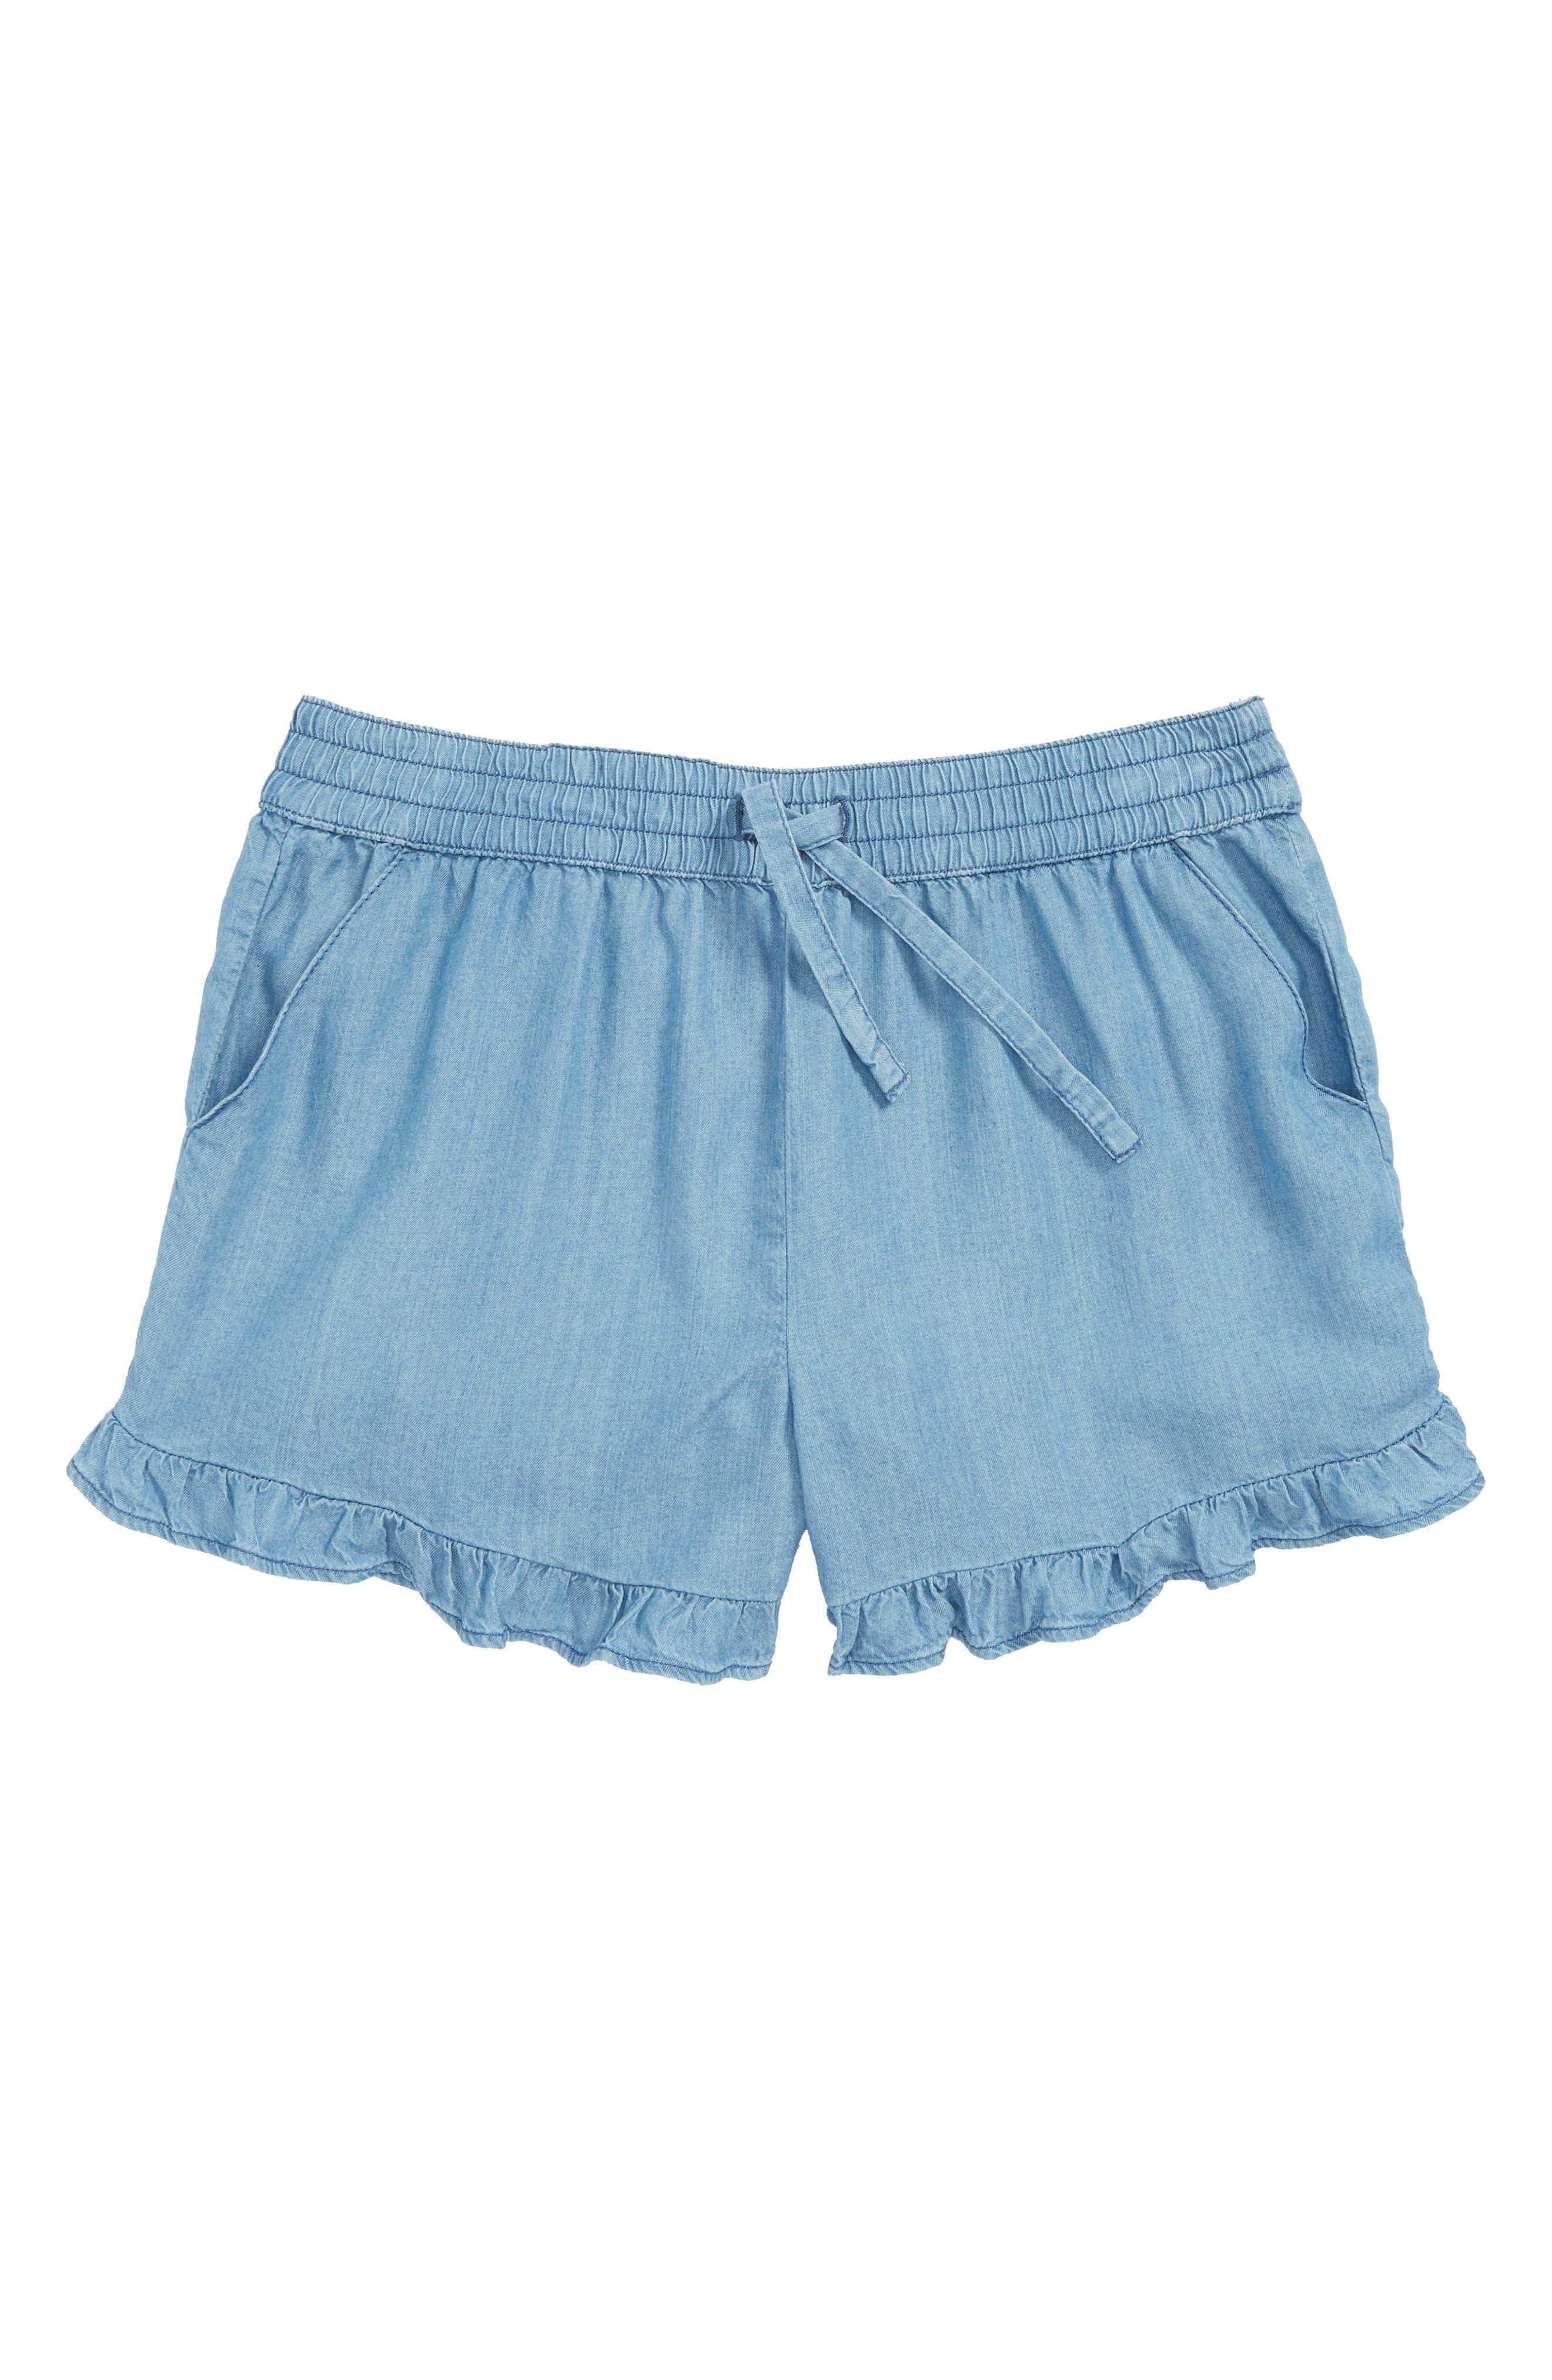 Ruffle Chambray Shorts,                             Main thumbnail 1, color,                             420